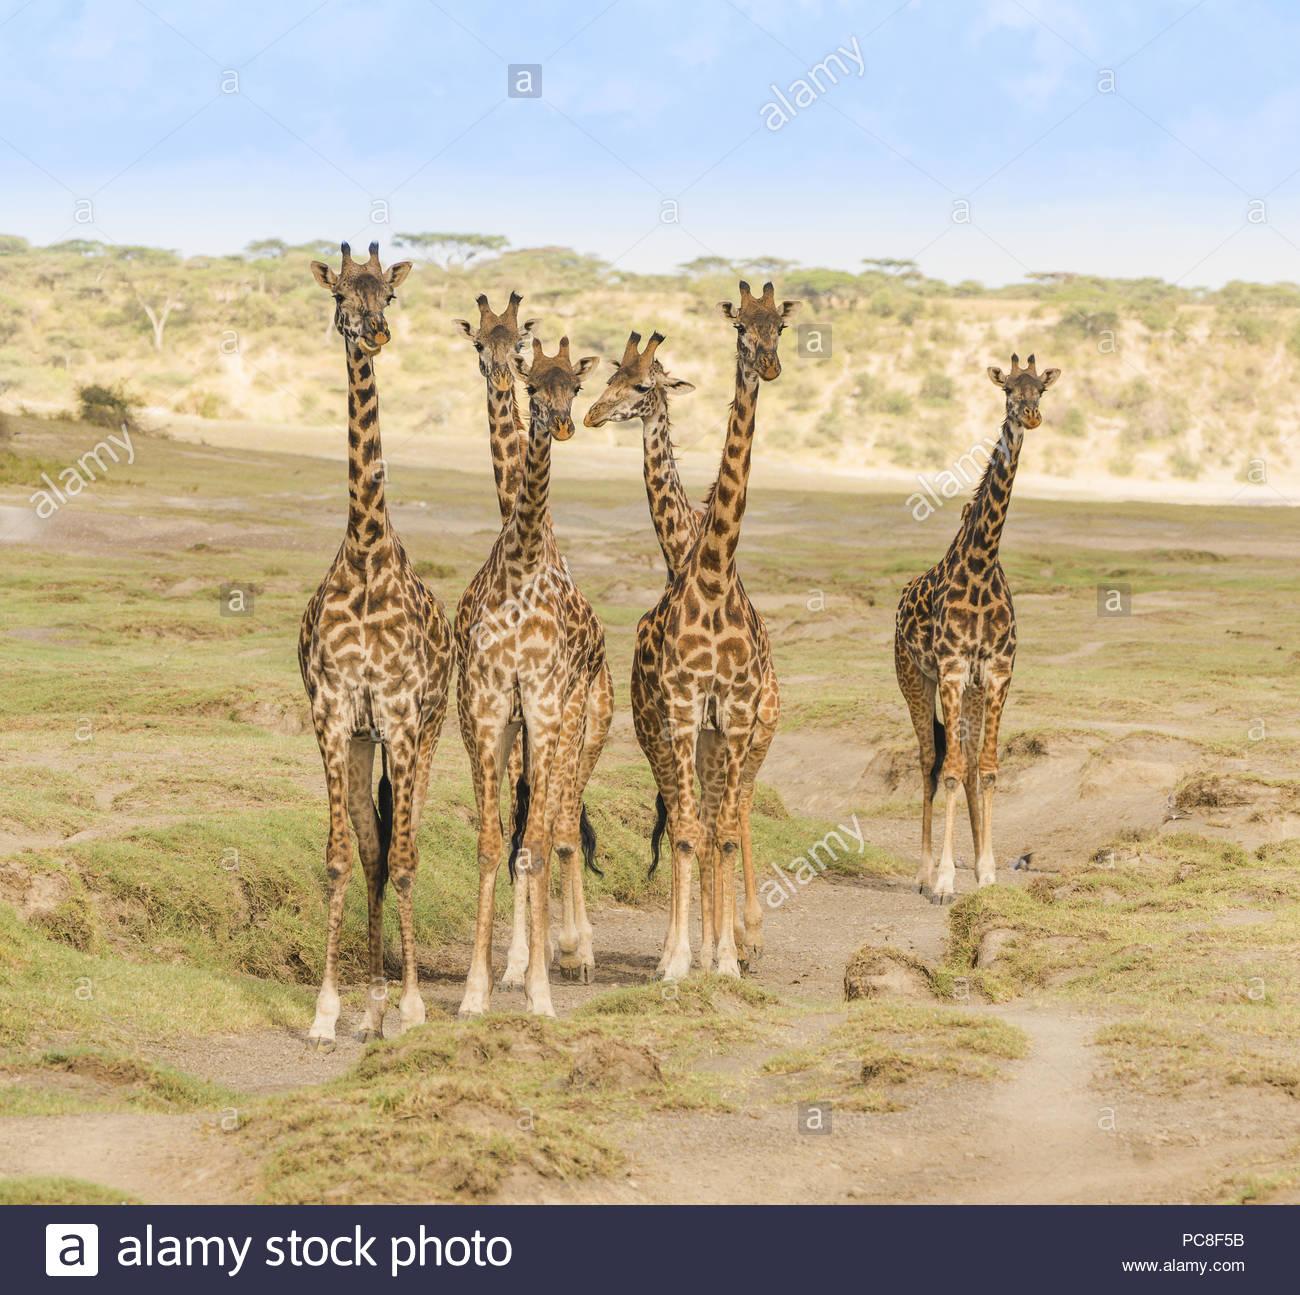 Un piccolo allevamento di sei giraffe fermarsi e osservare eventuali minacce man mano che si avvicinano al loro watering hole. Immagini Stock